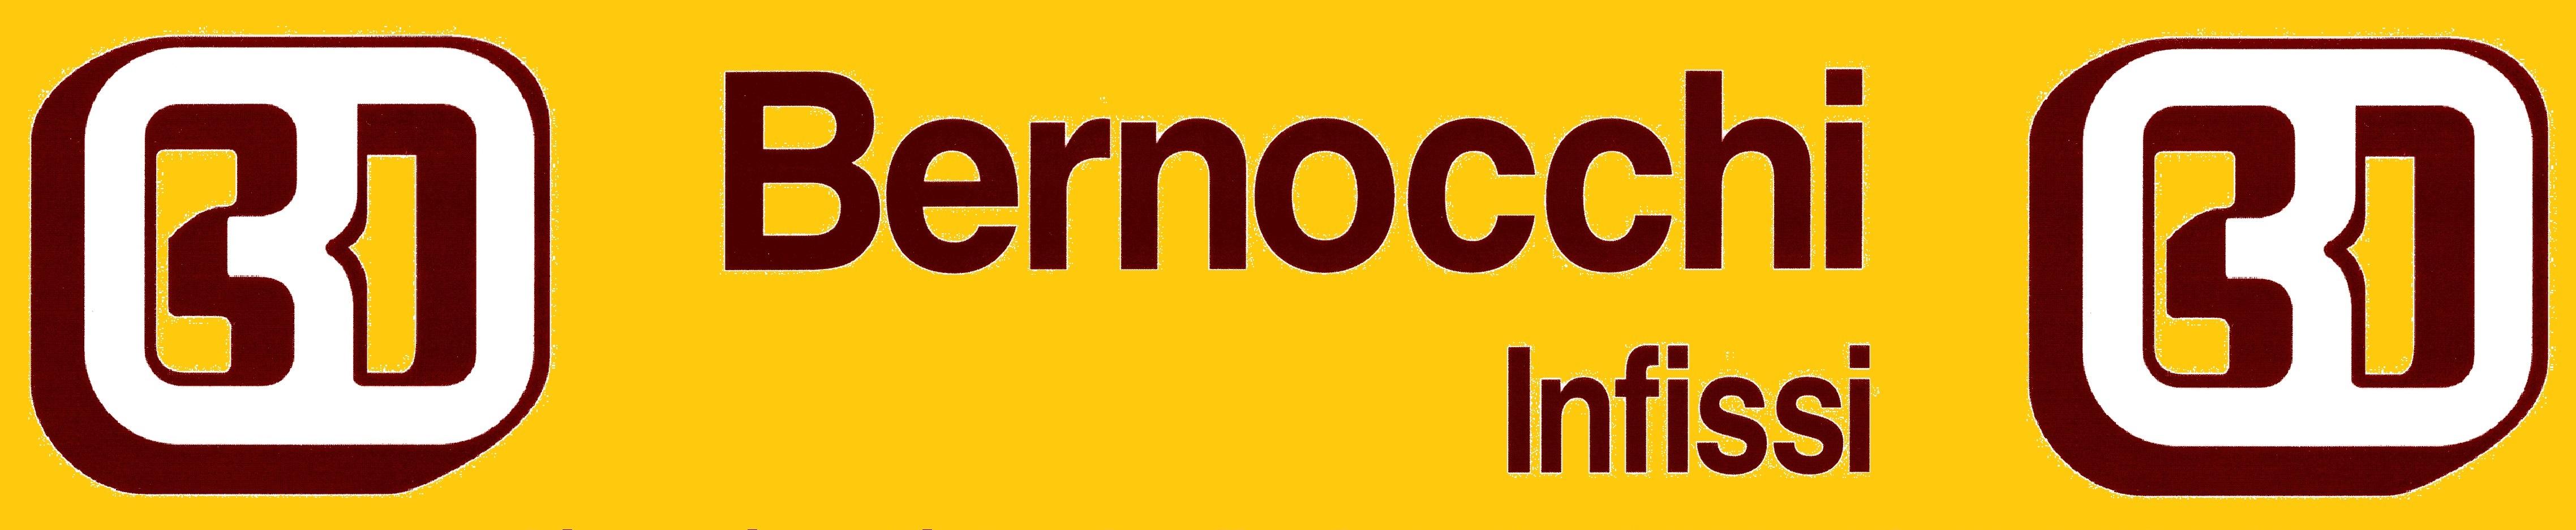 logo Bernocchi GIALLO LUNGO